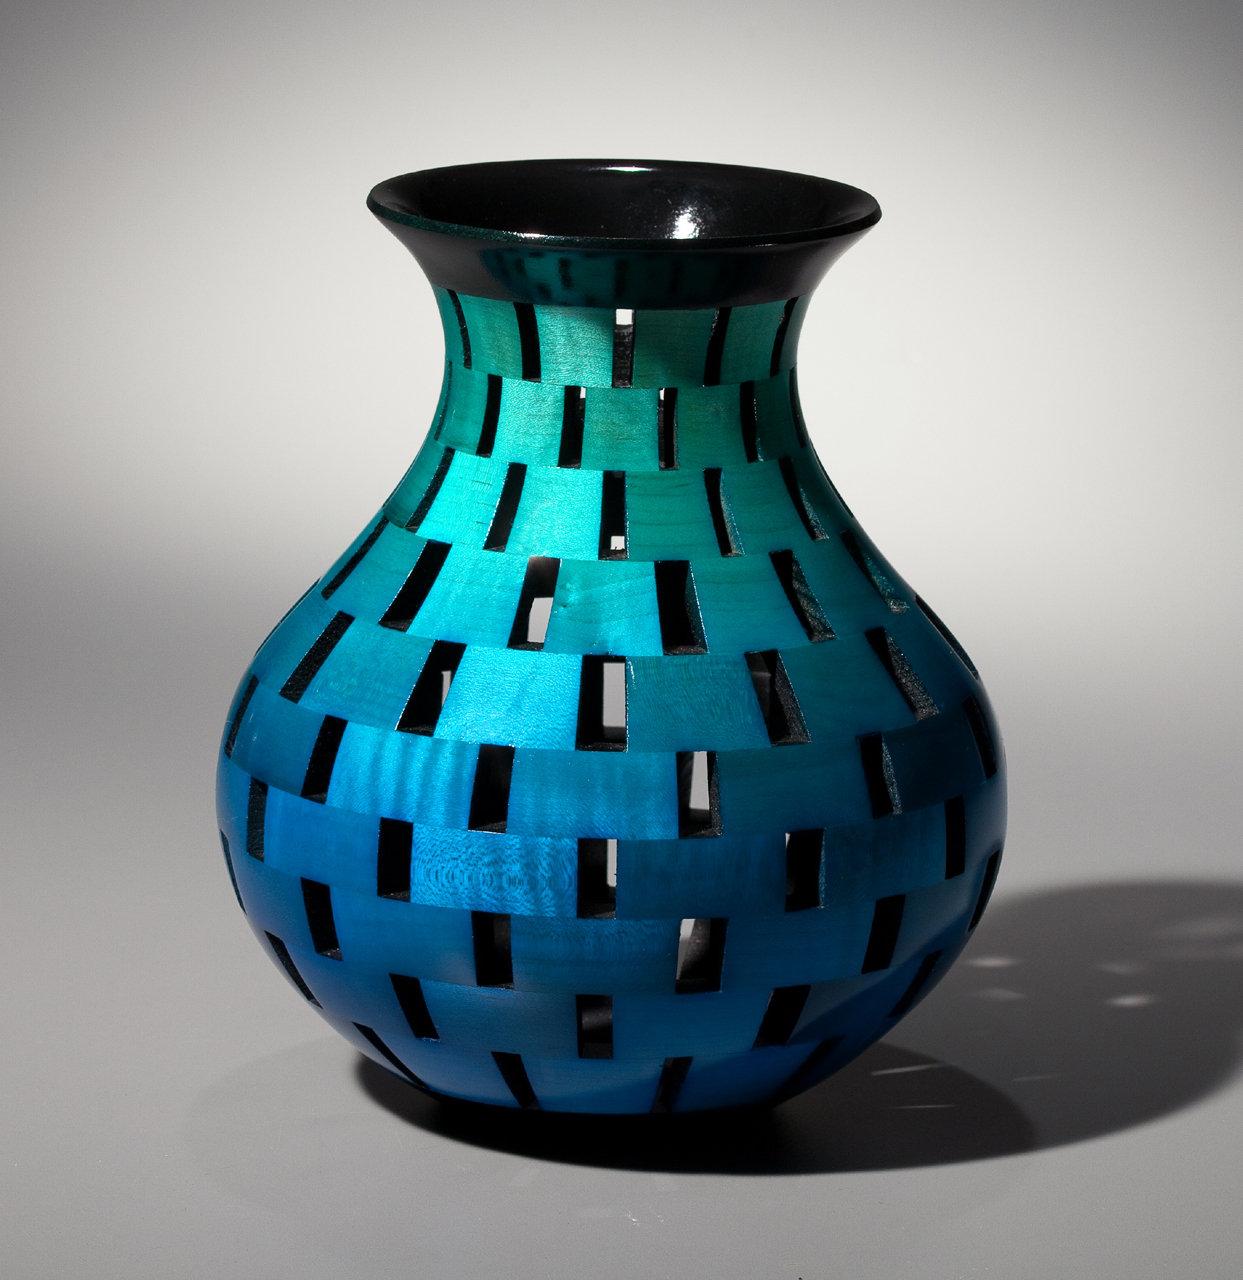 Cobalt Turquoise Fade Bottle By Joel Hunnicutt Wood